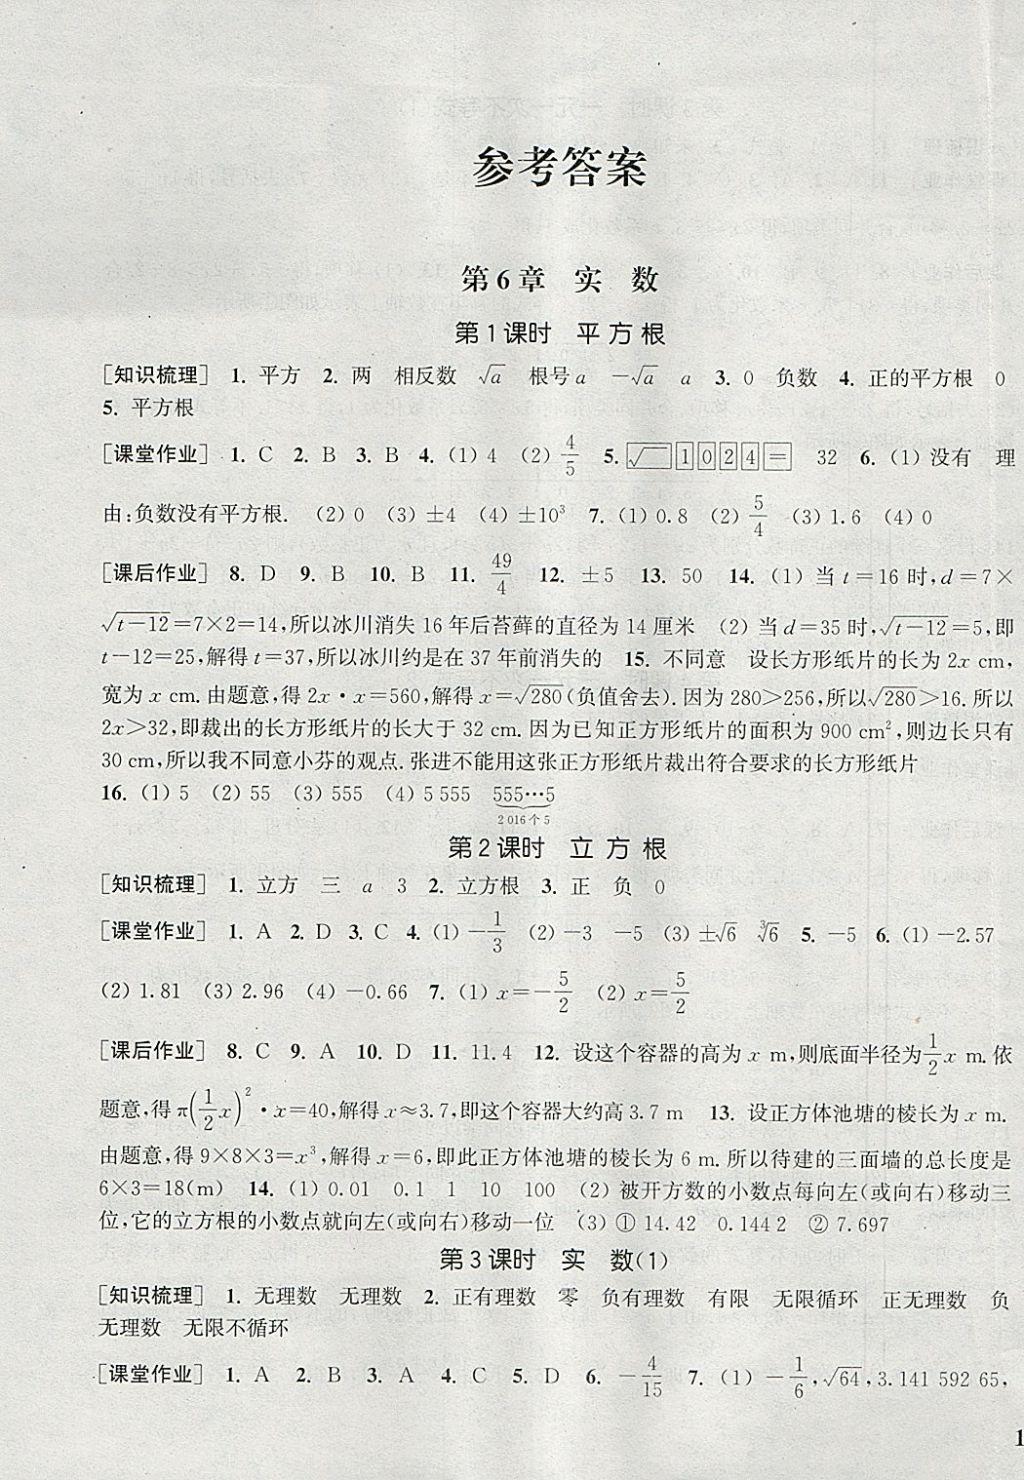 2018年通城学典课时作业本七年级数学下册沪科版参考答案第1页